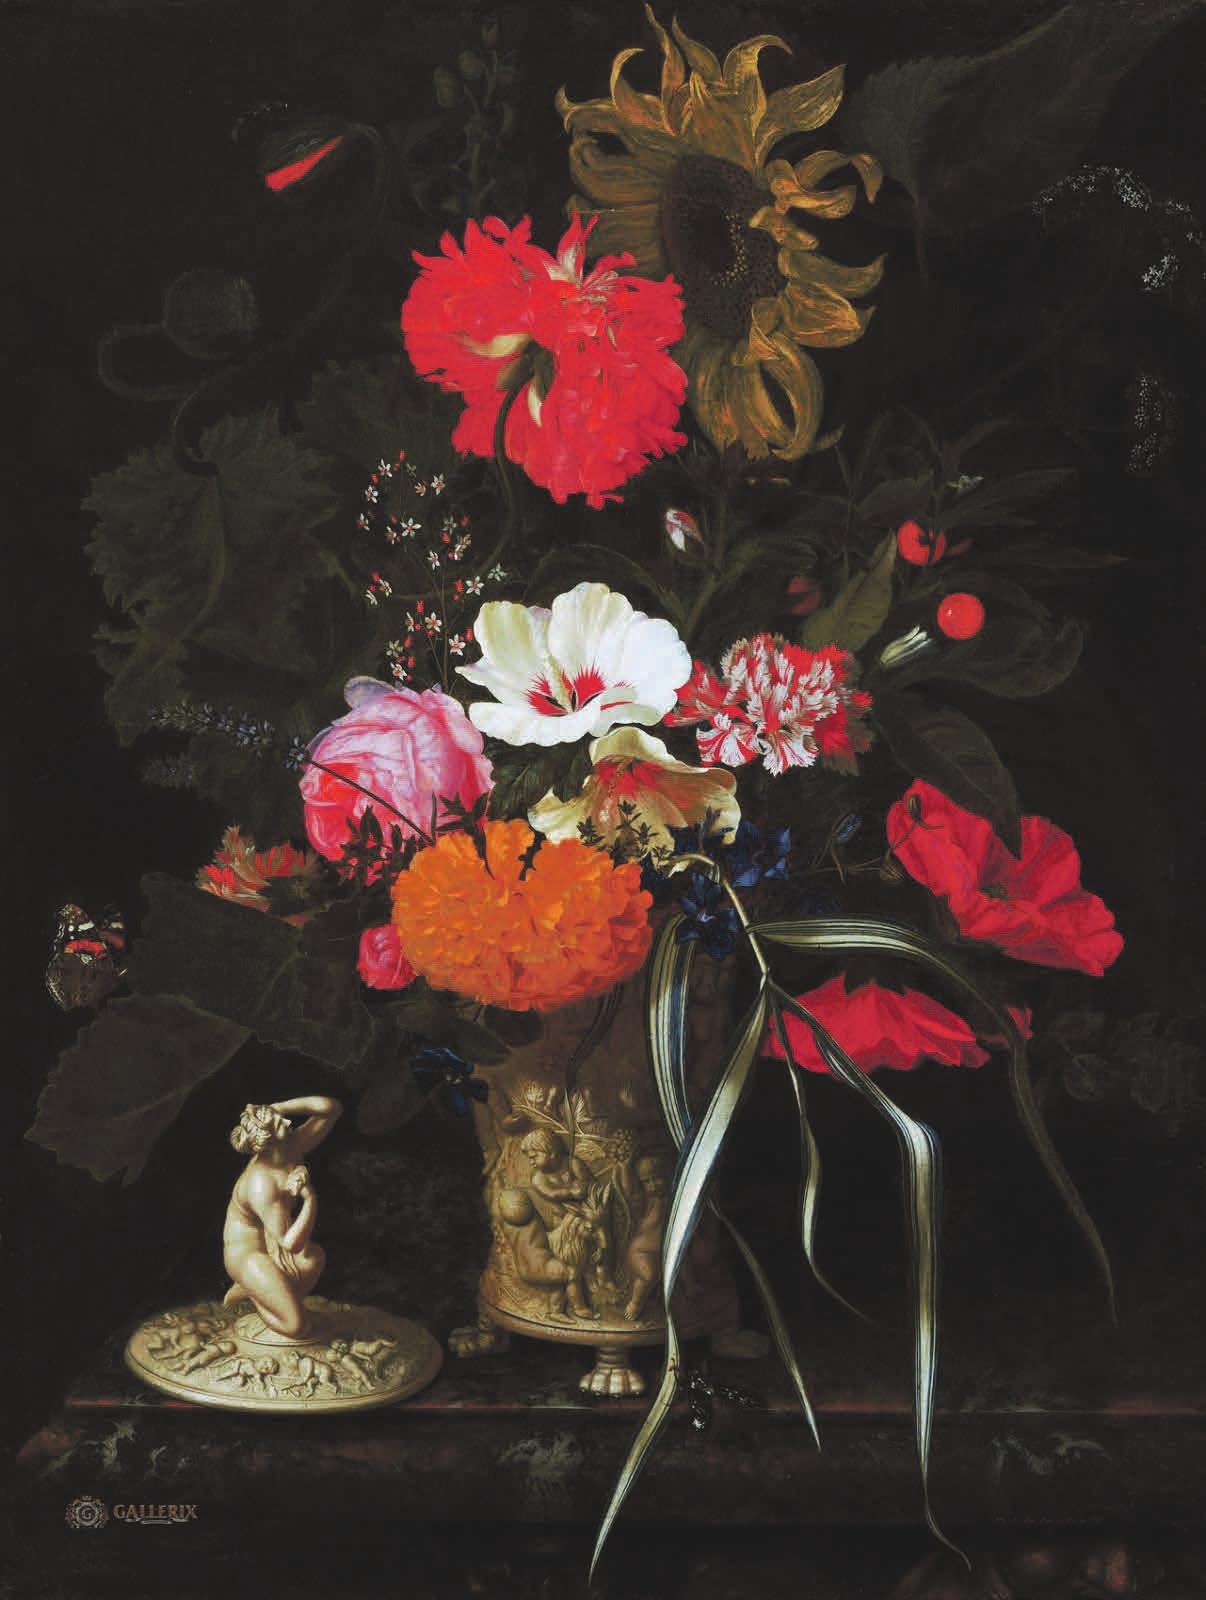 Рис. 1. Мария ван Остервейк. Цветы в декоративной вазе